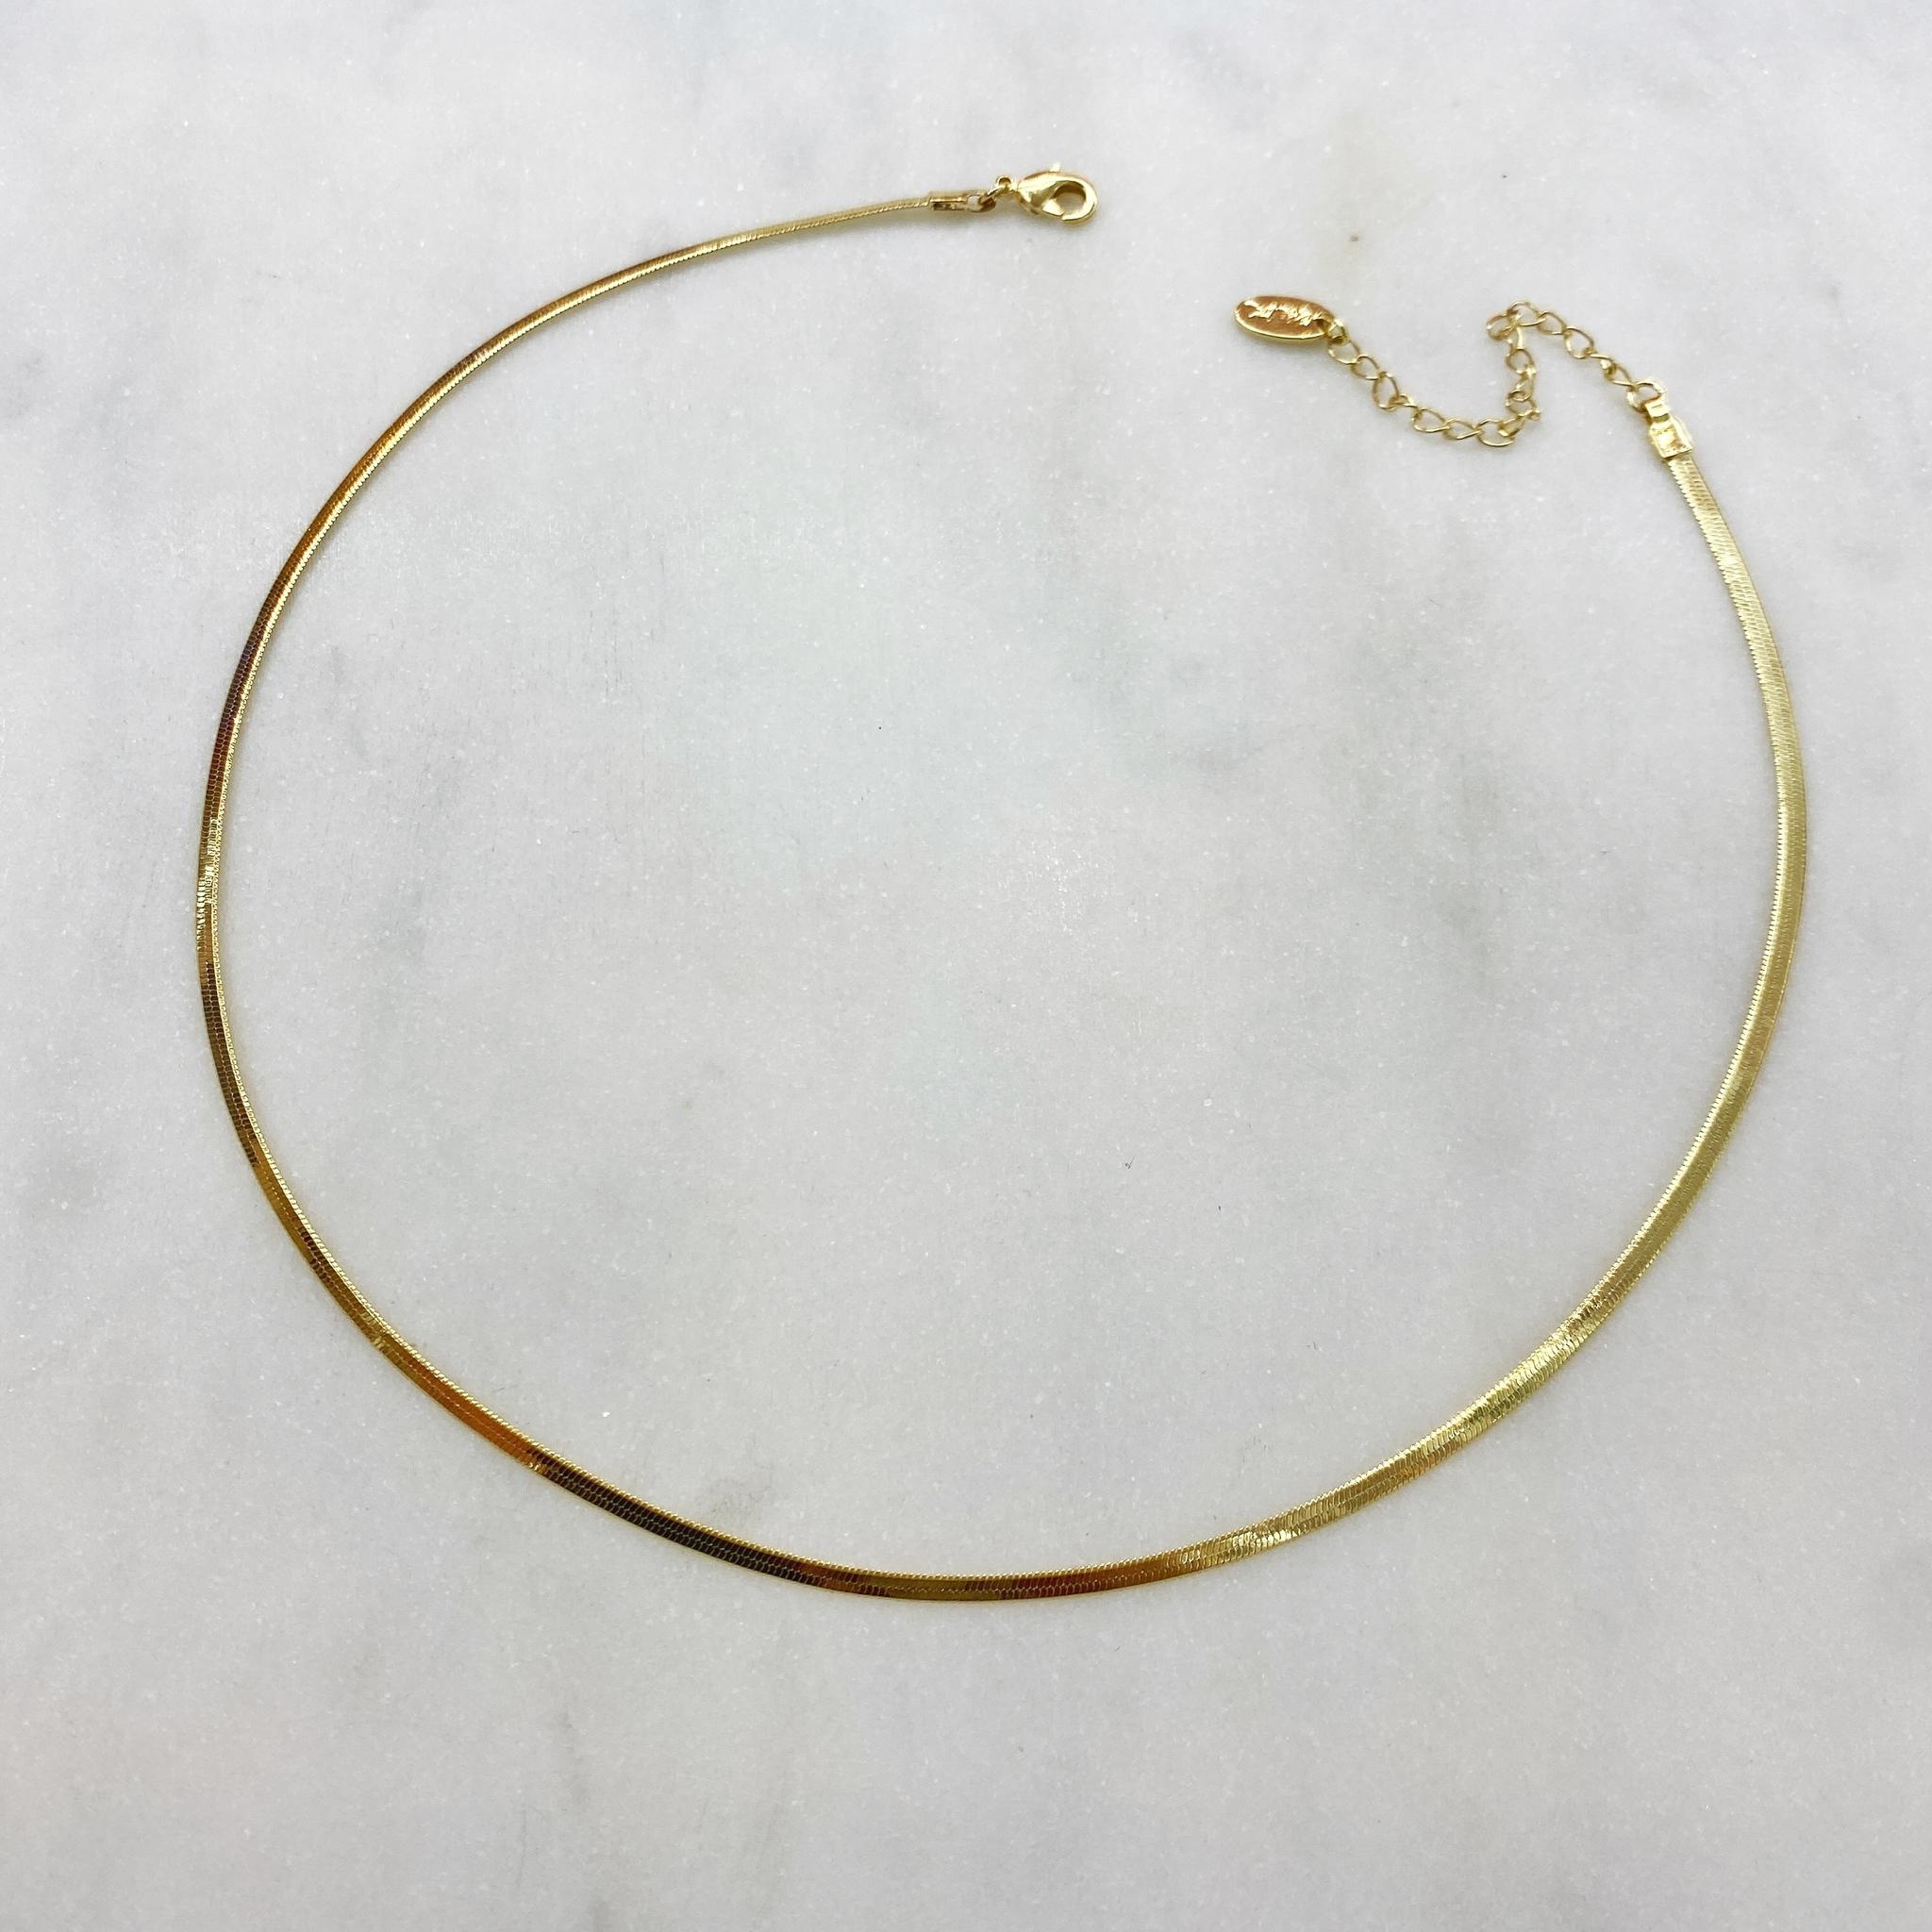 Колье-снэйк узкое 2 мм (золотистый)